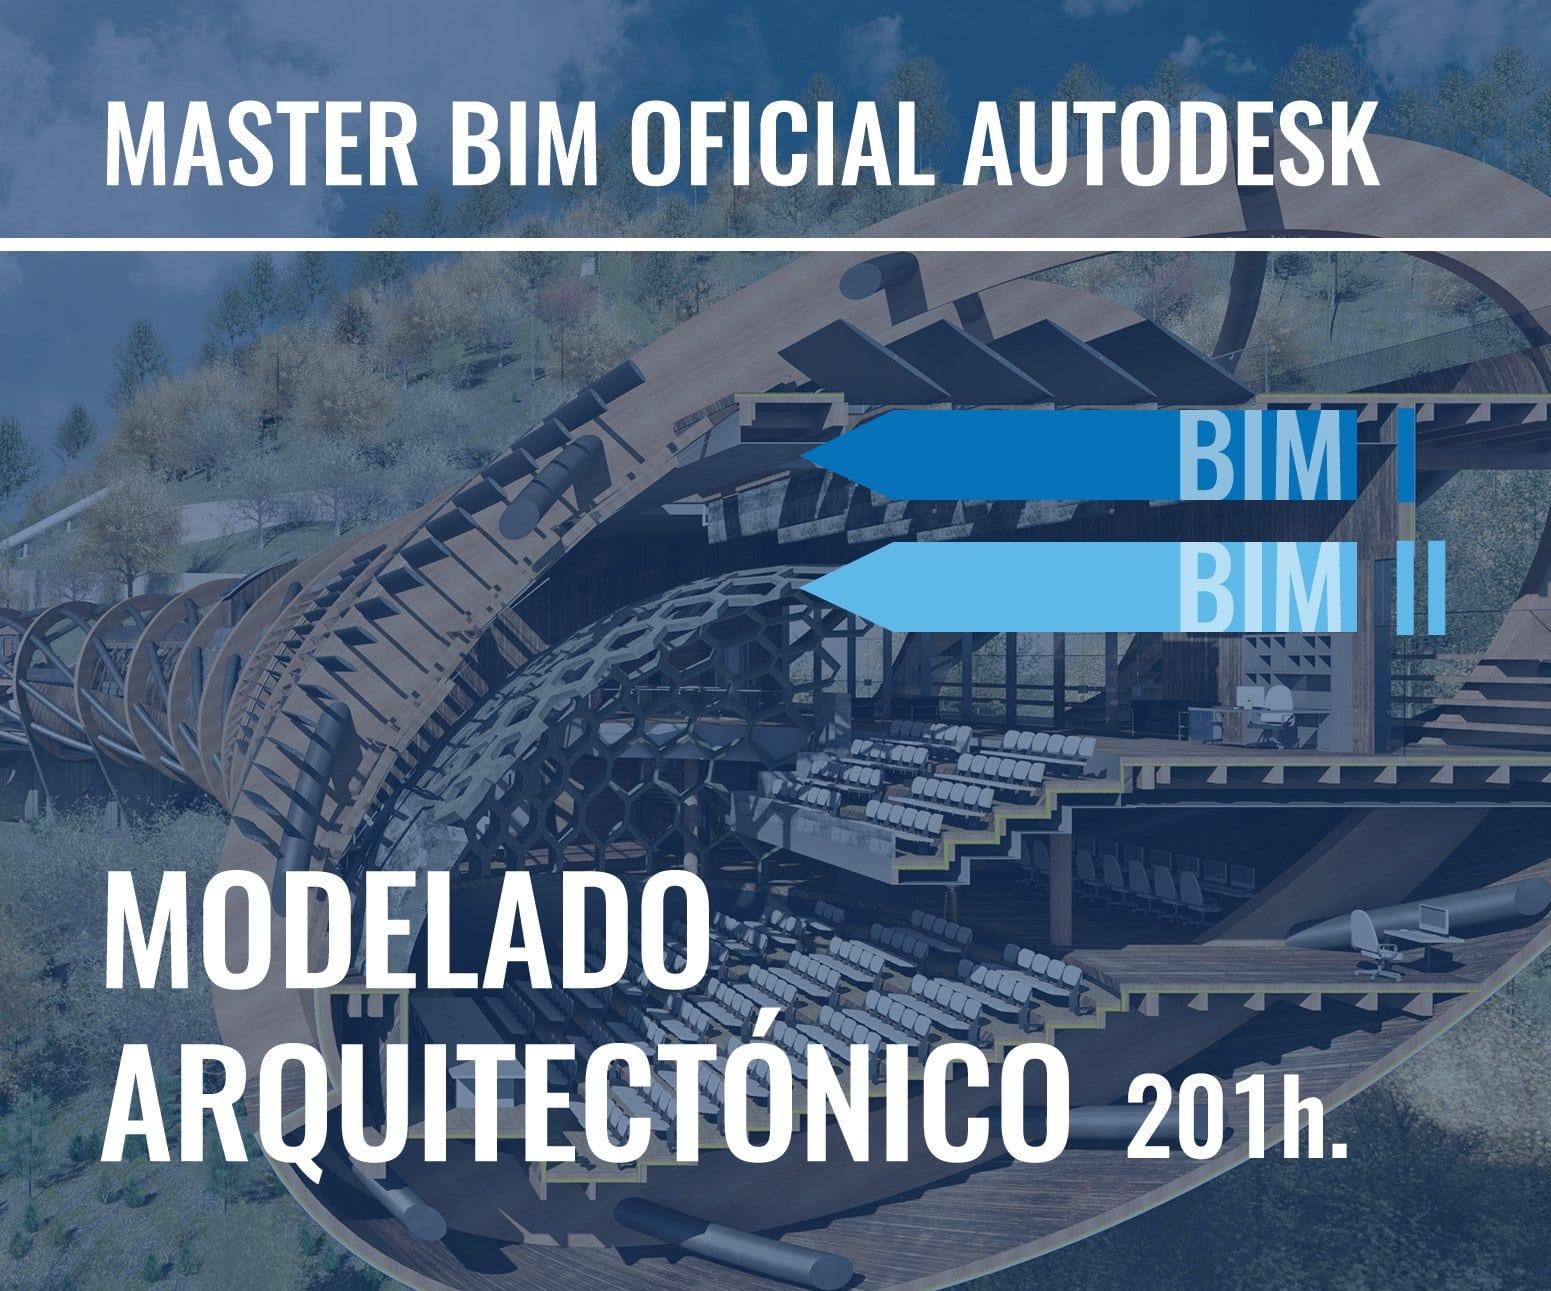 MASTER BIM REVIT – MODELADO ARQUITECTÓNICO OFICIAL DE AUTODESK